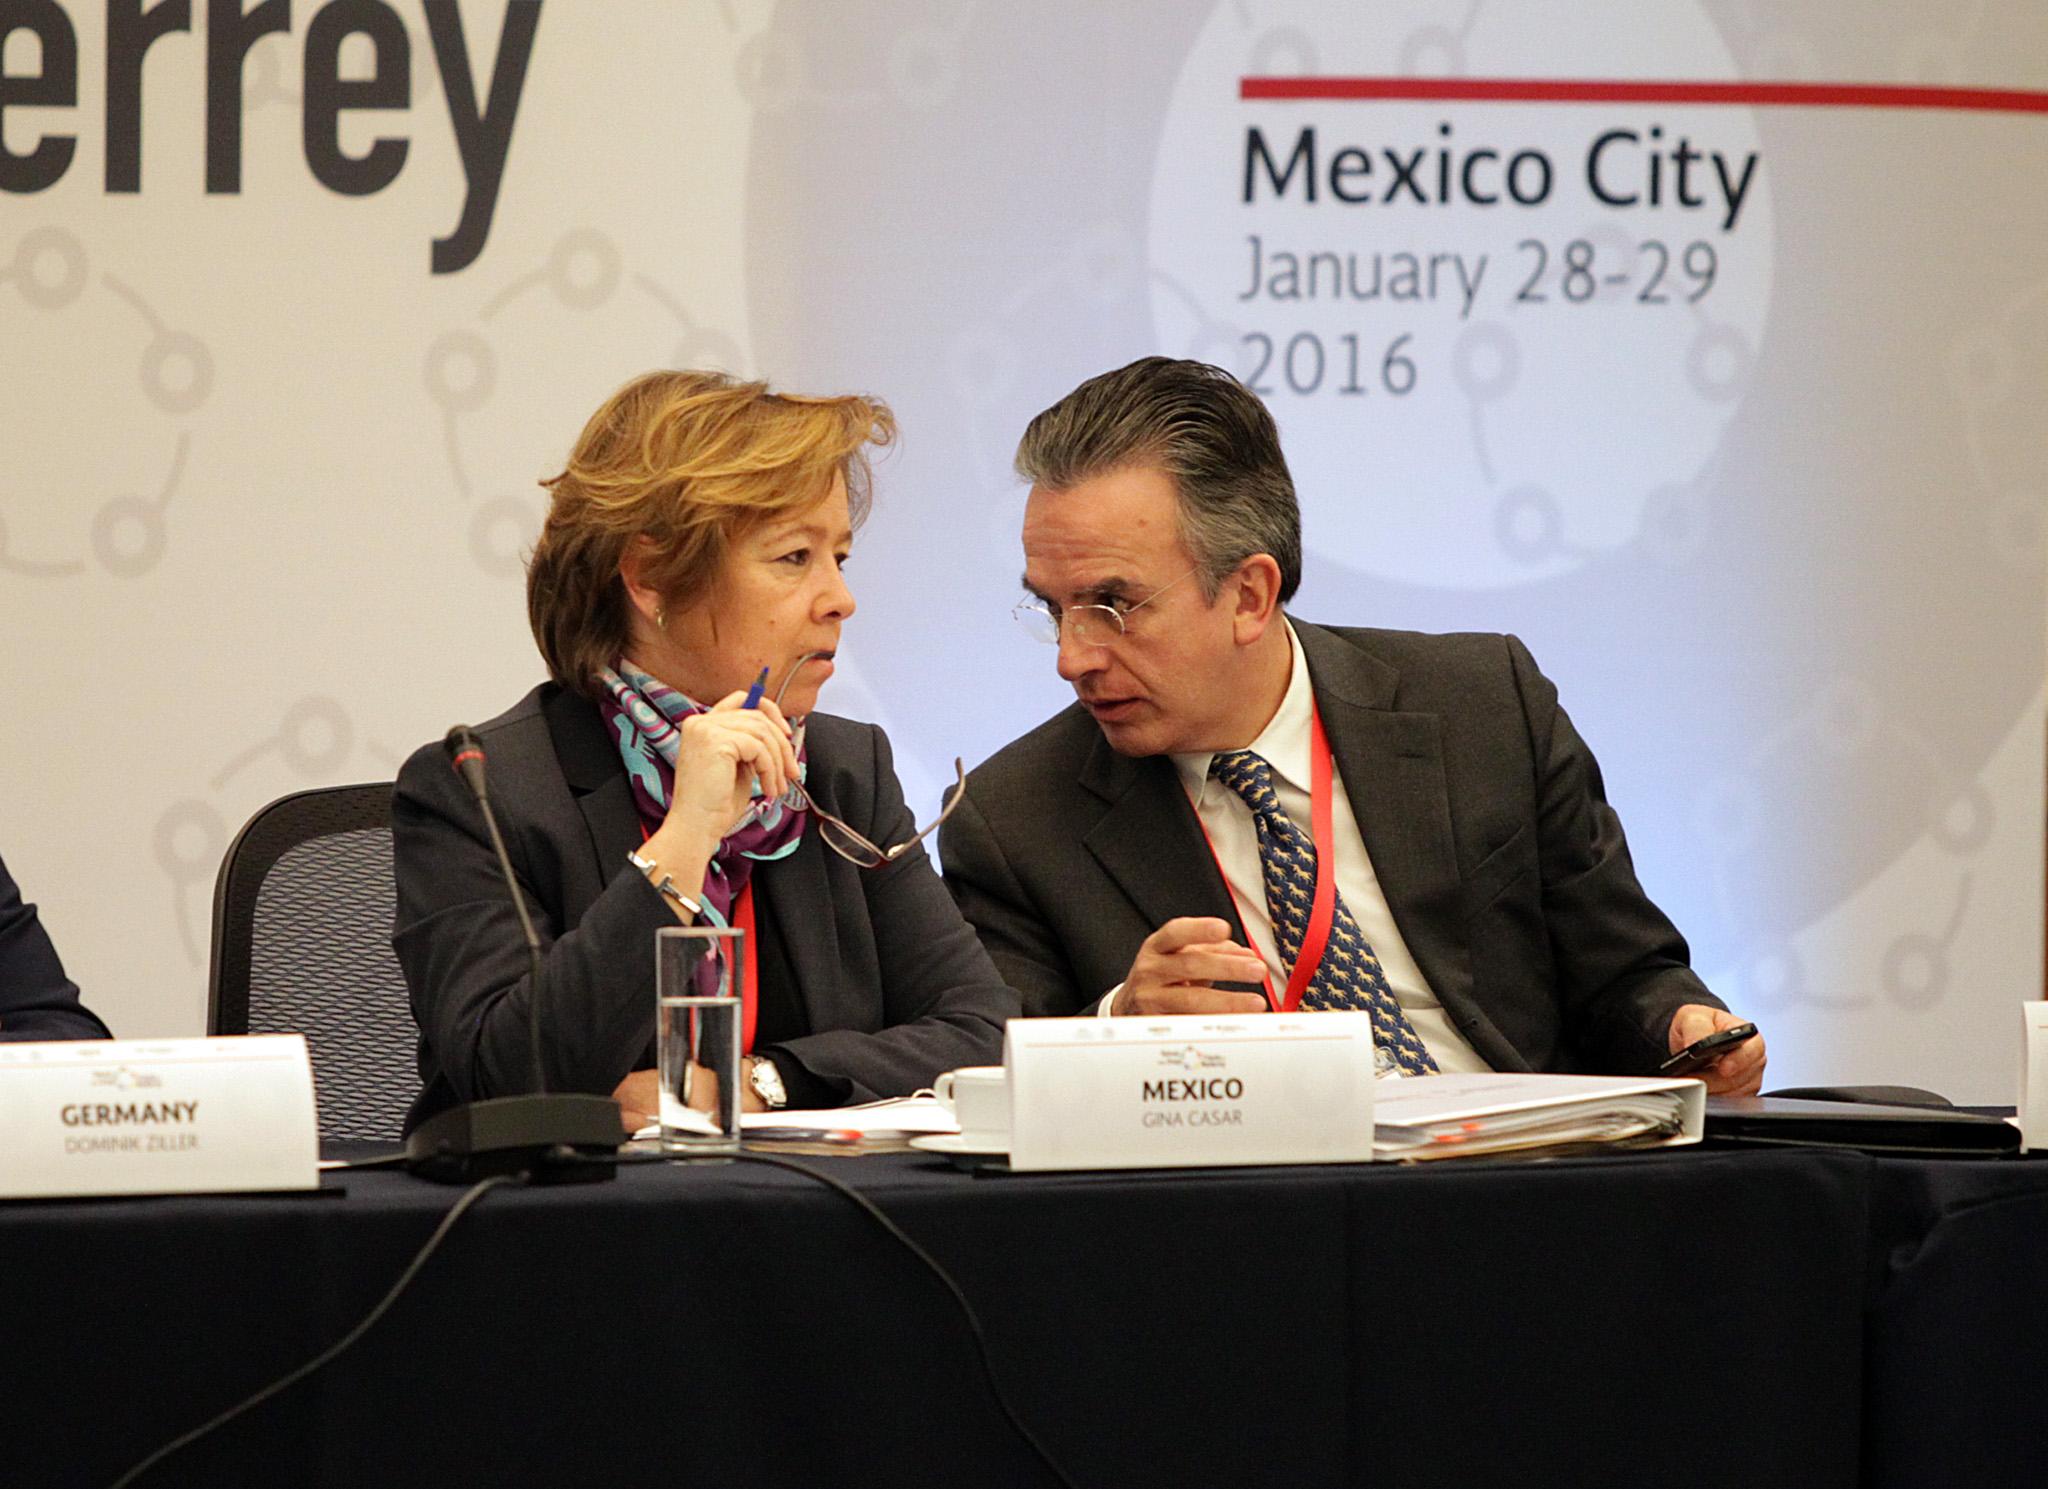 FOTO 2 Mar a Eugenia Casar P rez  Directora de la AMEXCID  y el Embajador Miguel Ruiz Caba asjpg